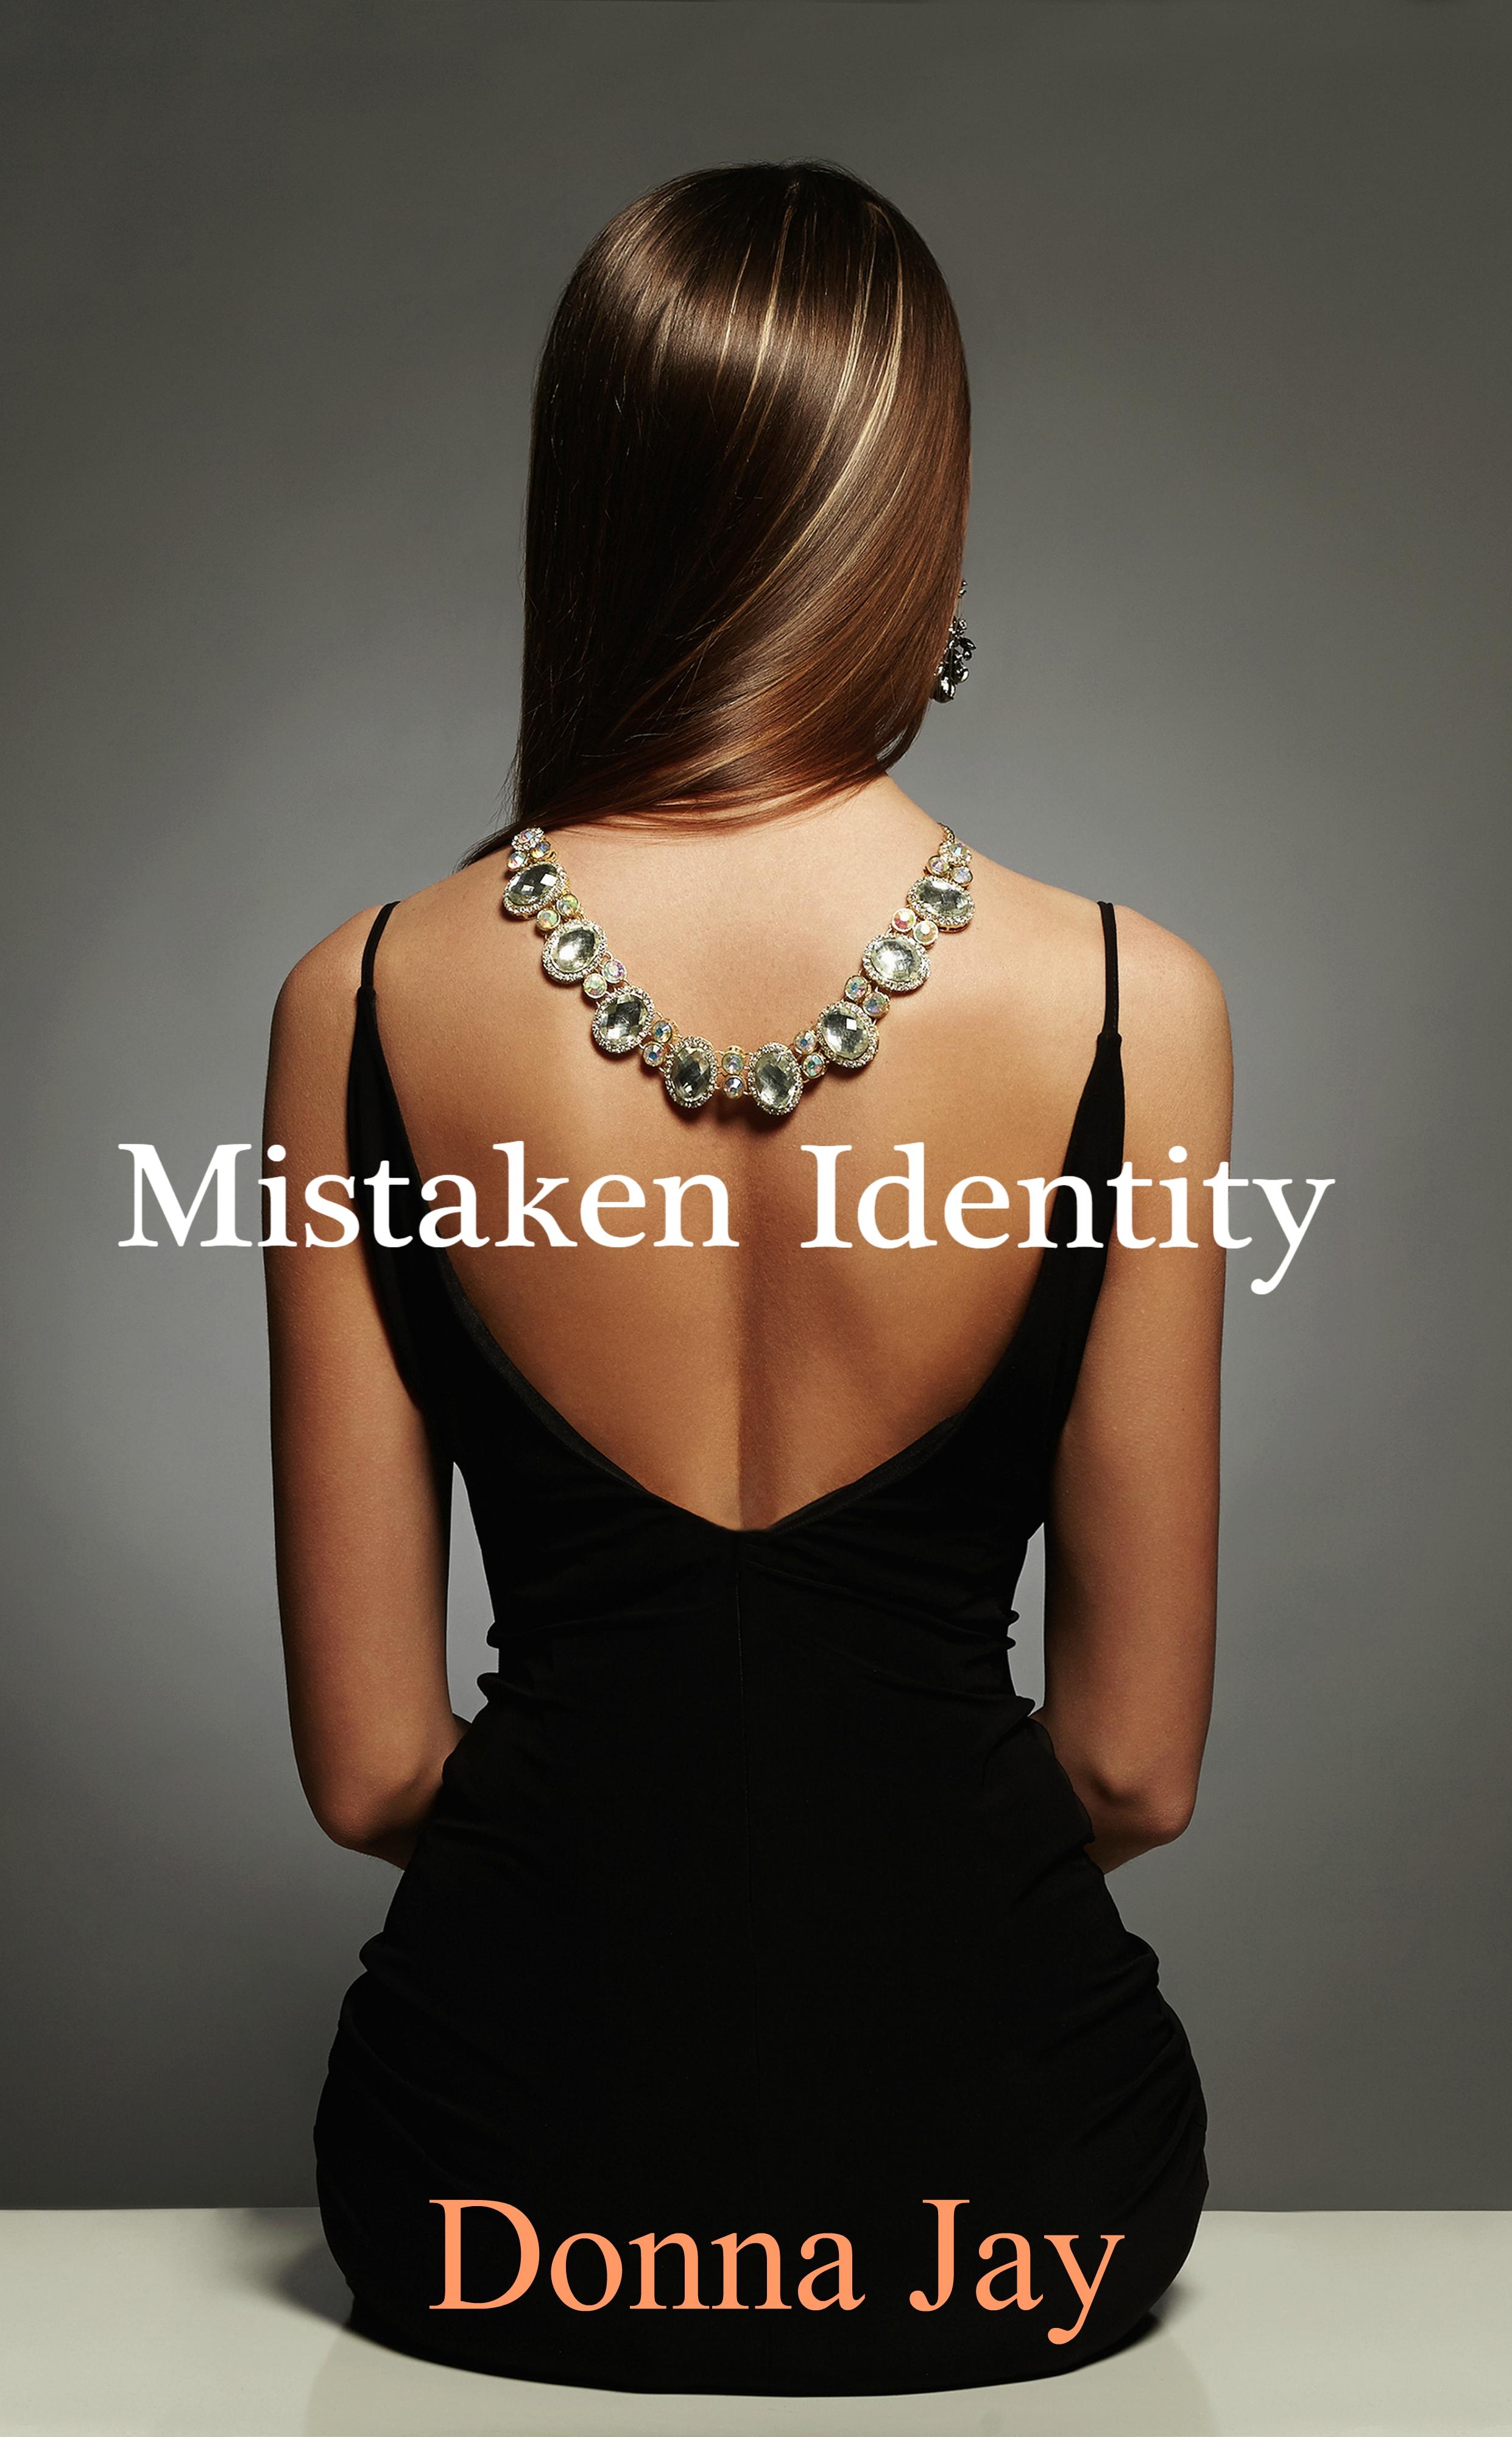 Smashwords Mistaken Identity A Book By Donna Jay